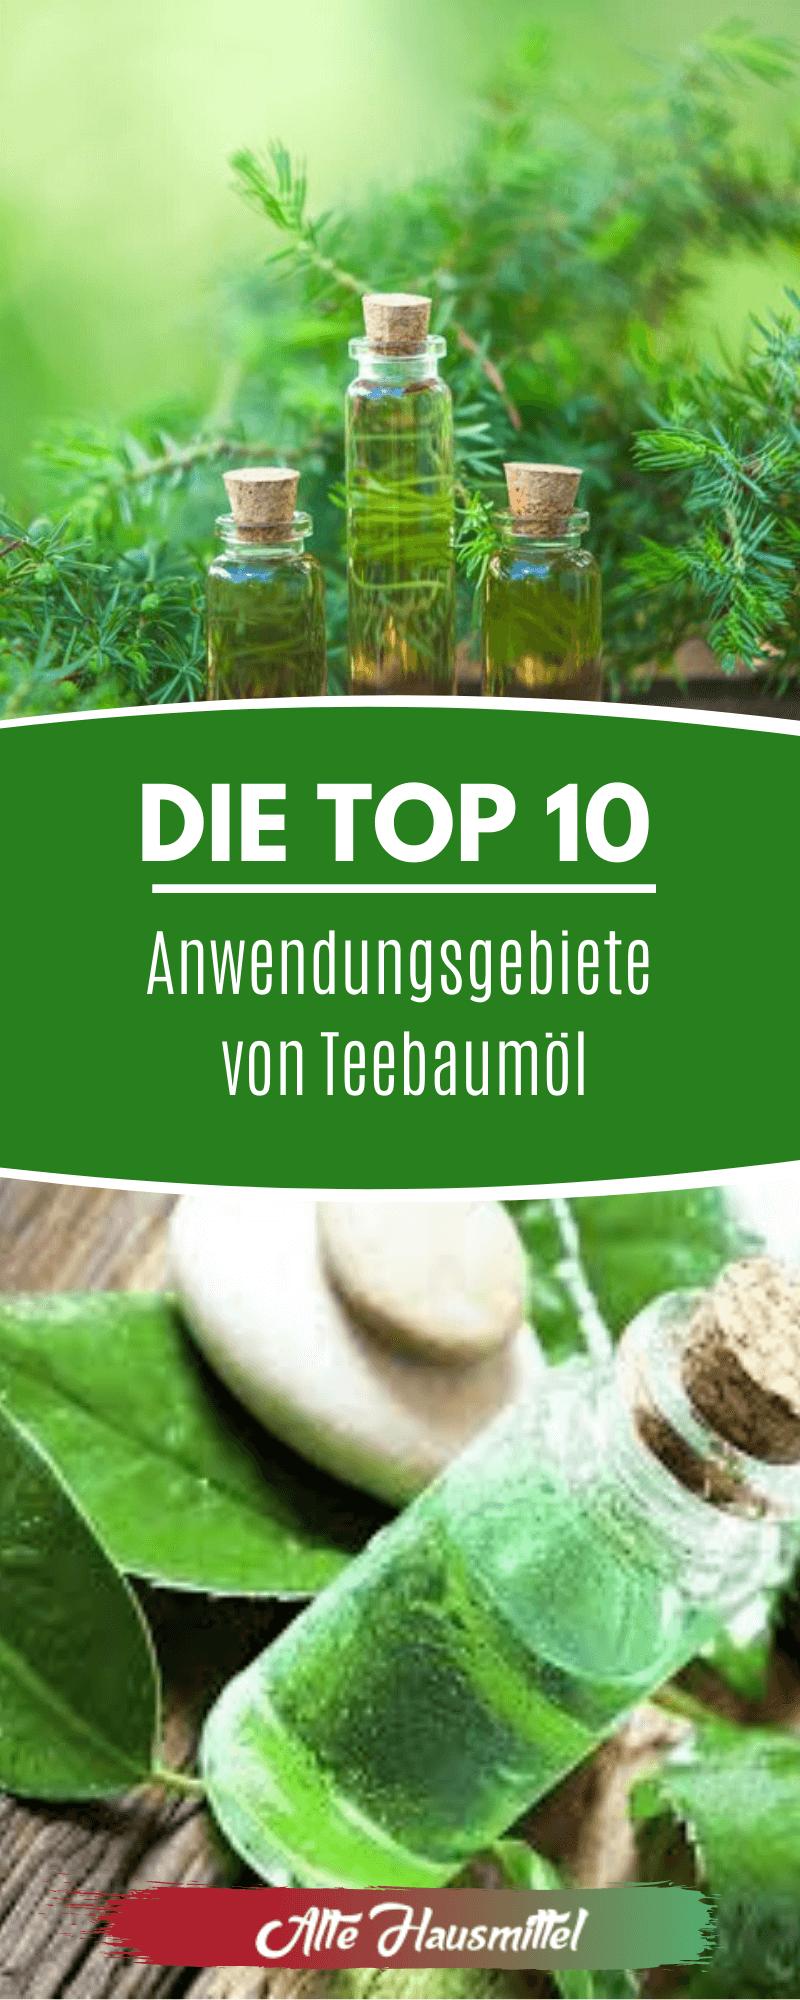 Die Top 10 Anwendungsgebiete von Teebaumöl